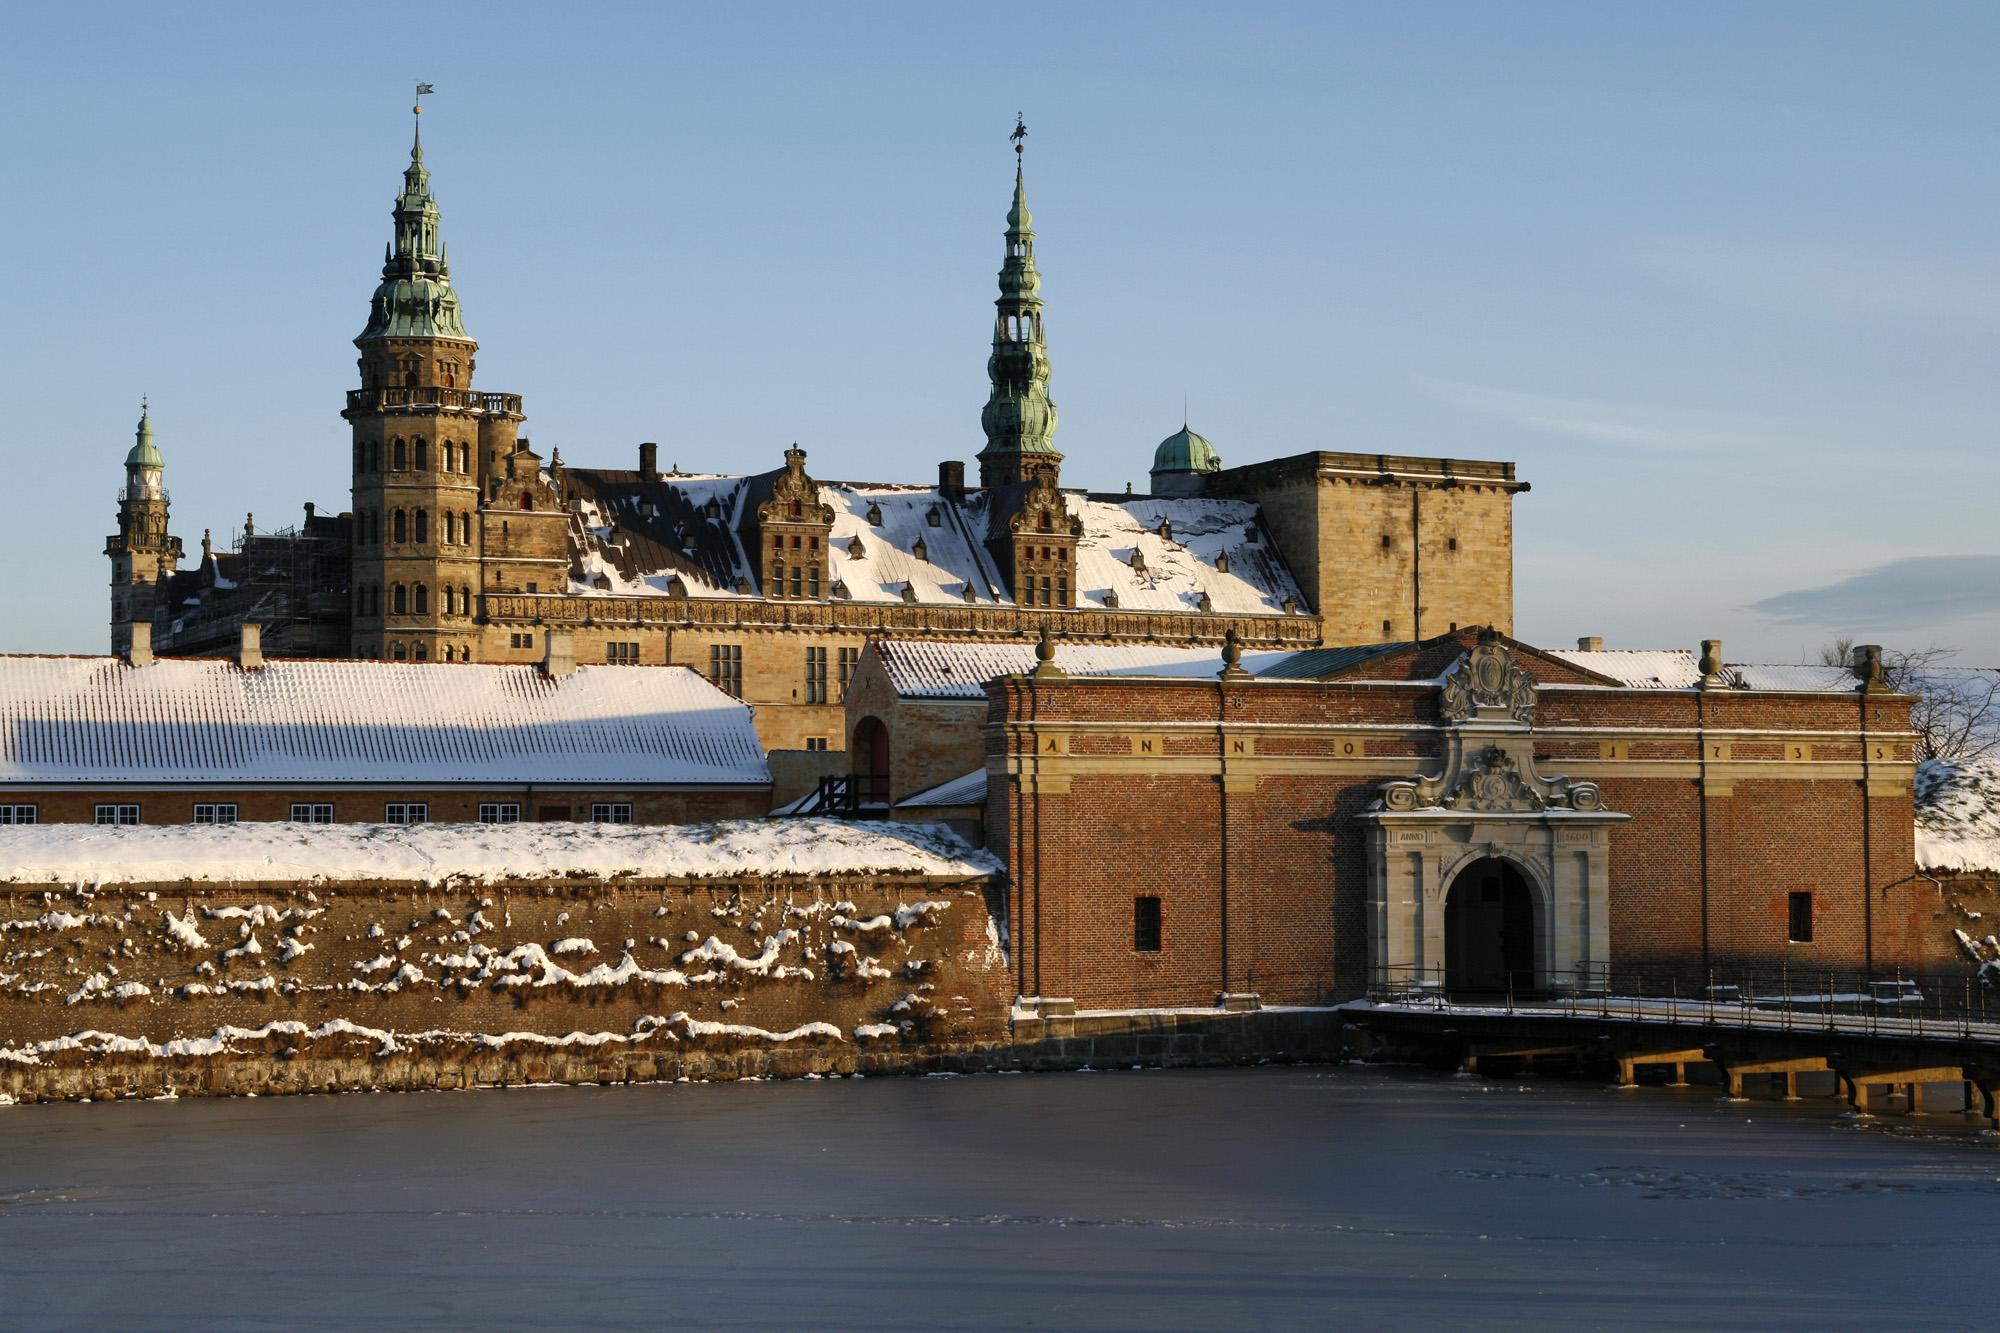 kronborg slot, kronborg, julemarked, jul, december, kulturtilbud, juleoplevelser, hygge